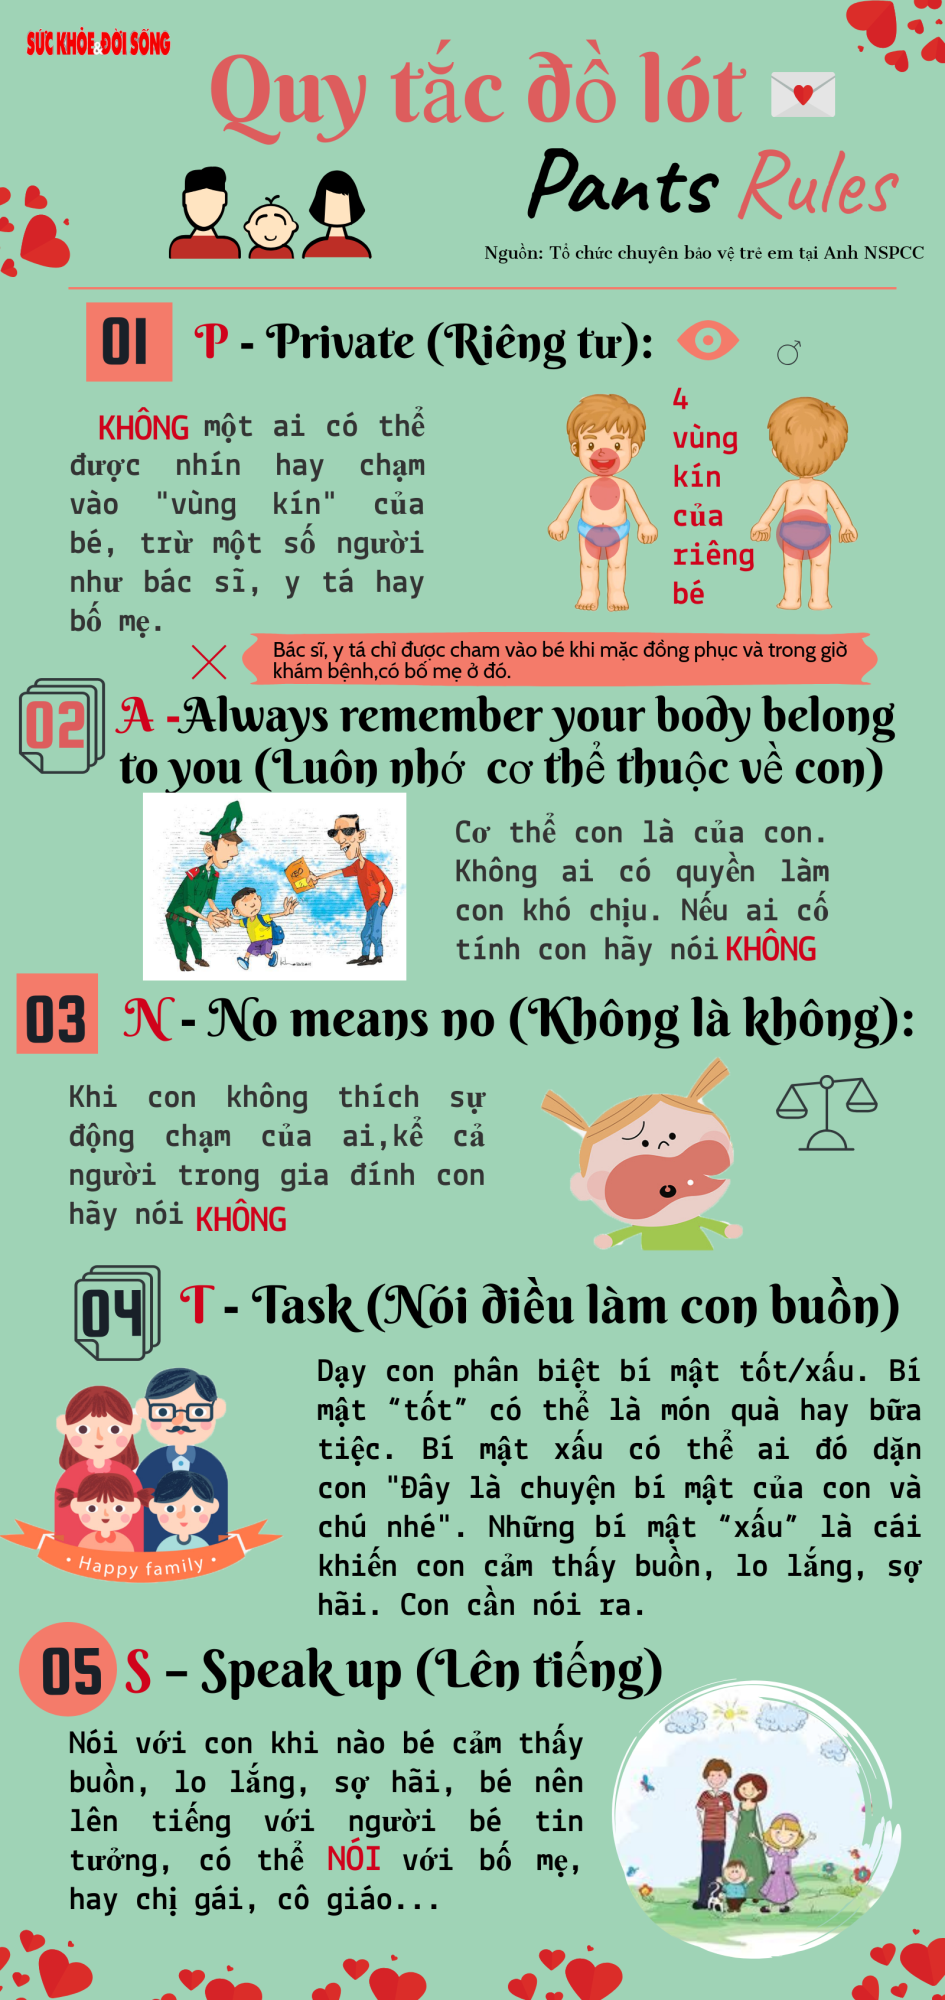 Infographic: Dạy con những quy tắc cần thiết để bảo vệ bản thân  - Ảnh 1